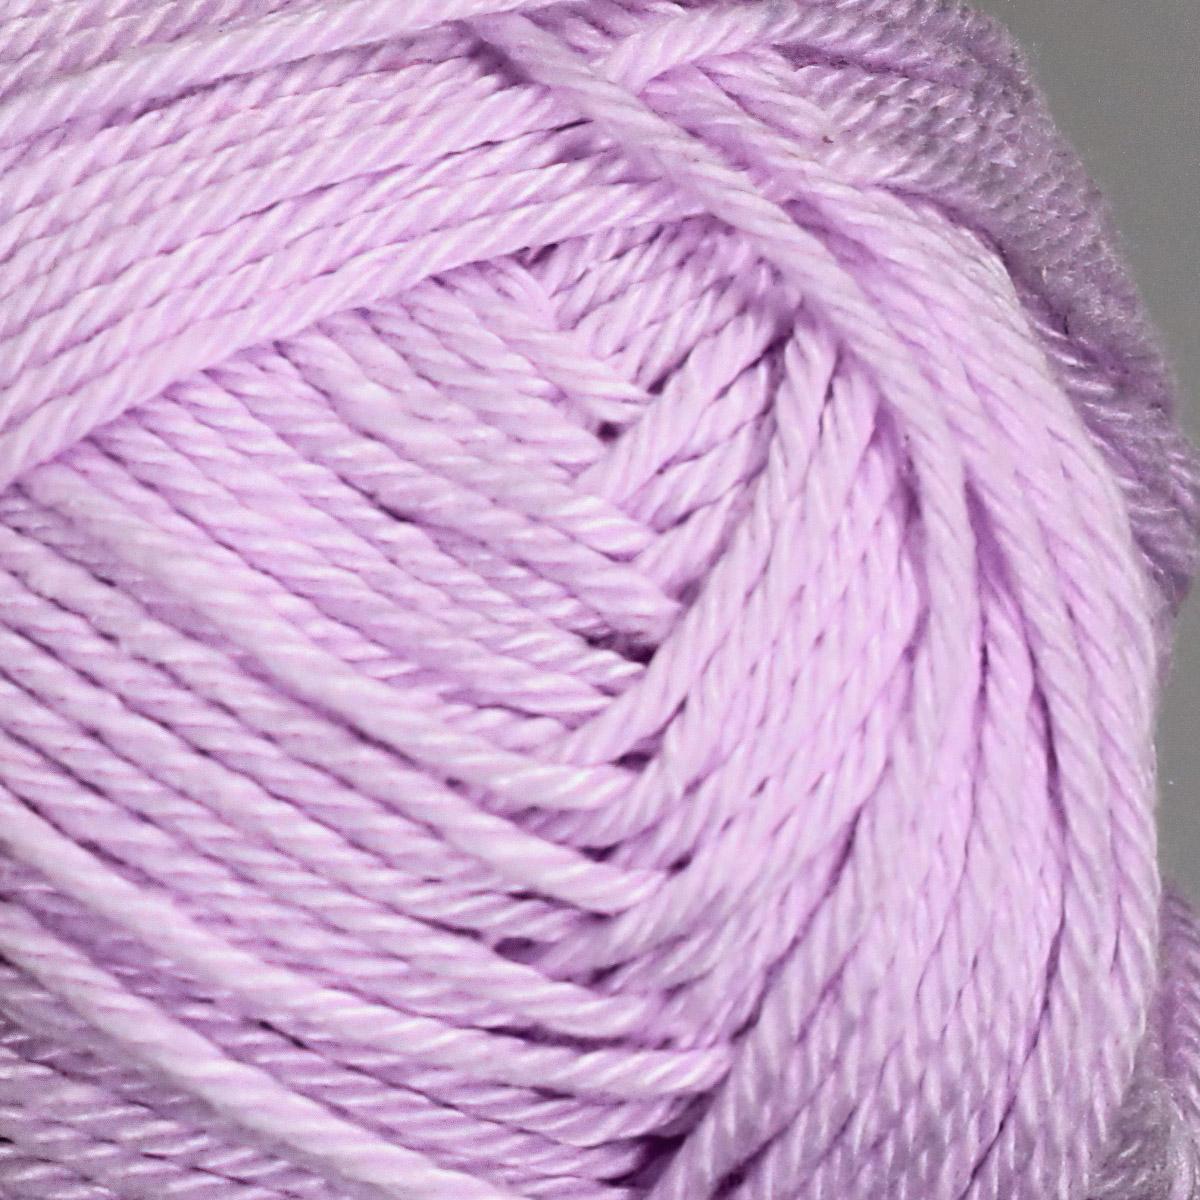 Pletací / háčkovací příze STOREX CAMILA NATURAL 50 světle fialová, jednobarevná, 50g/125m